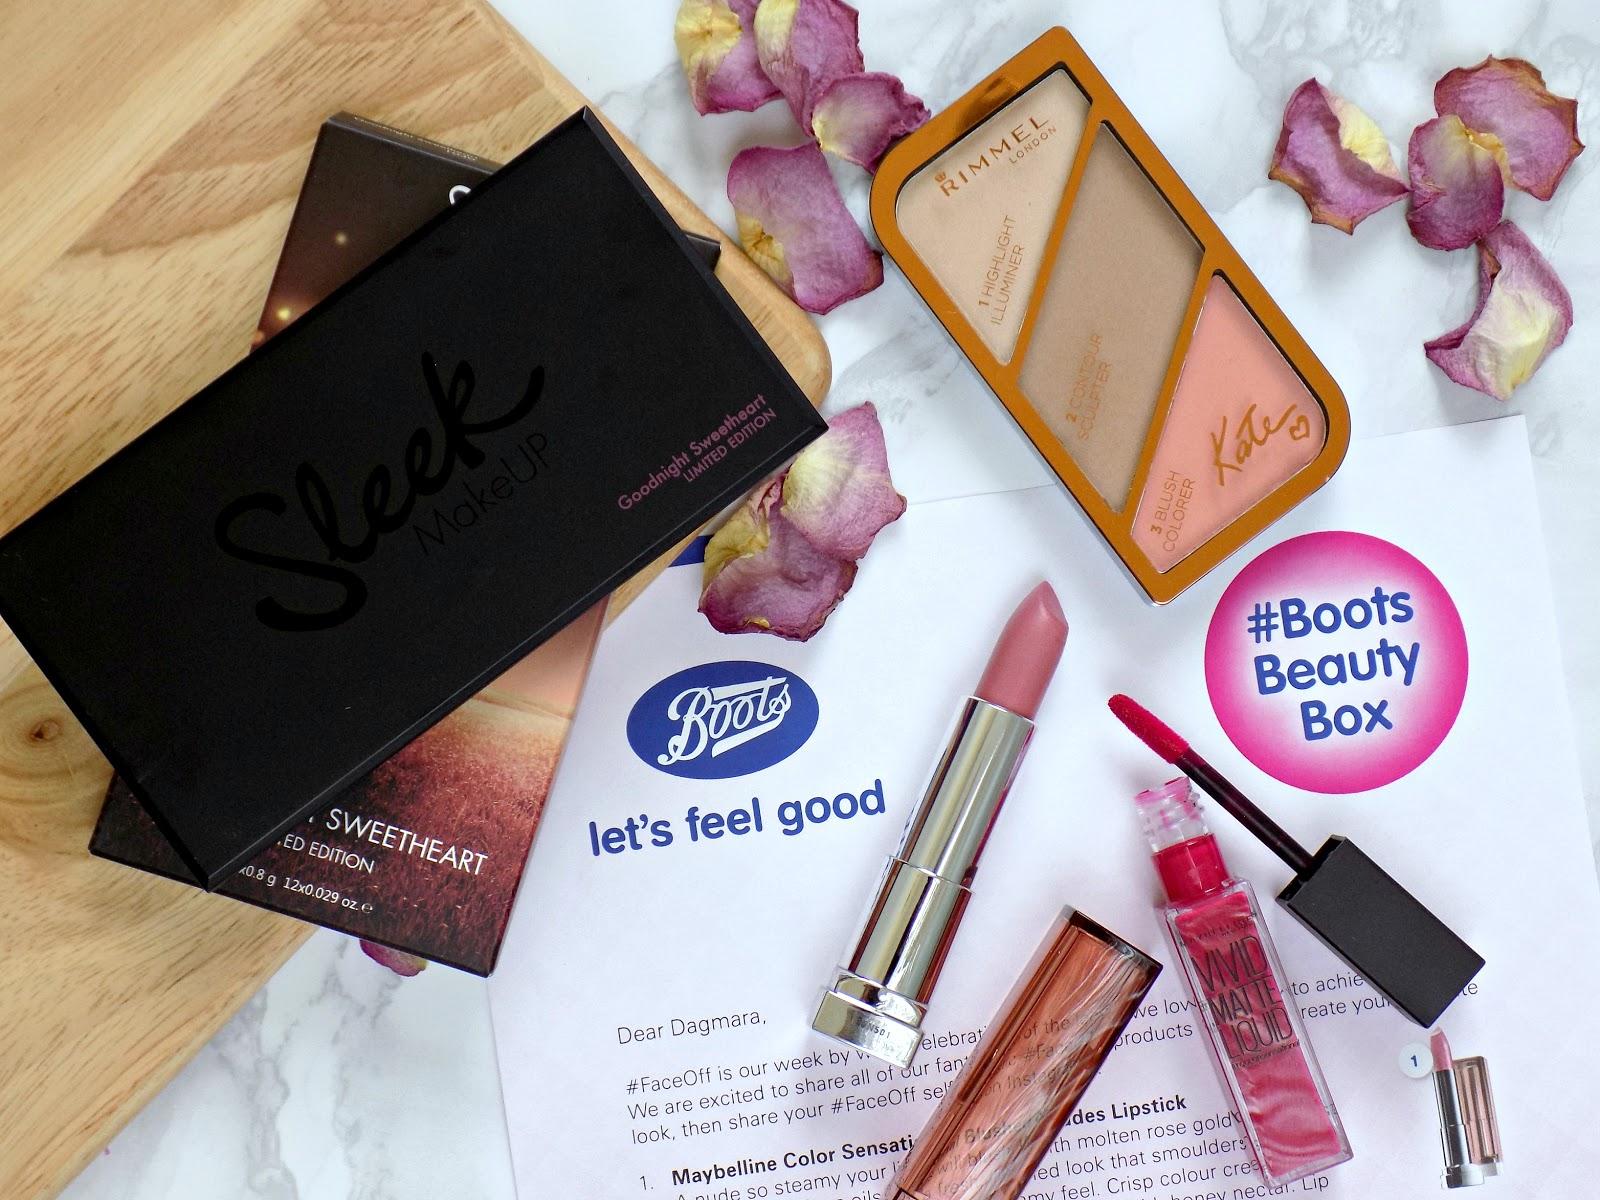 Boots makeup #BootsBeautyBox